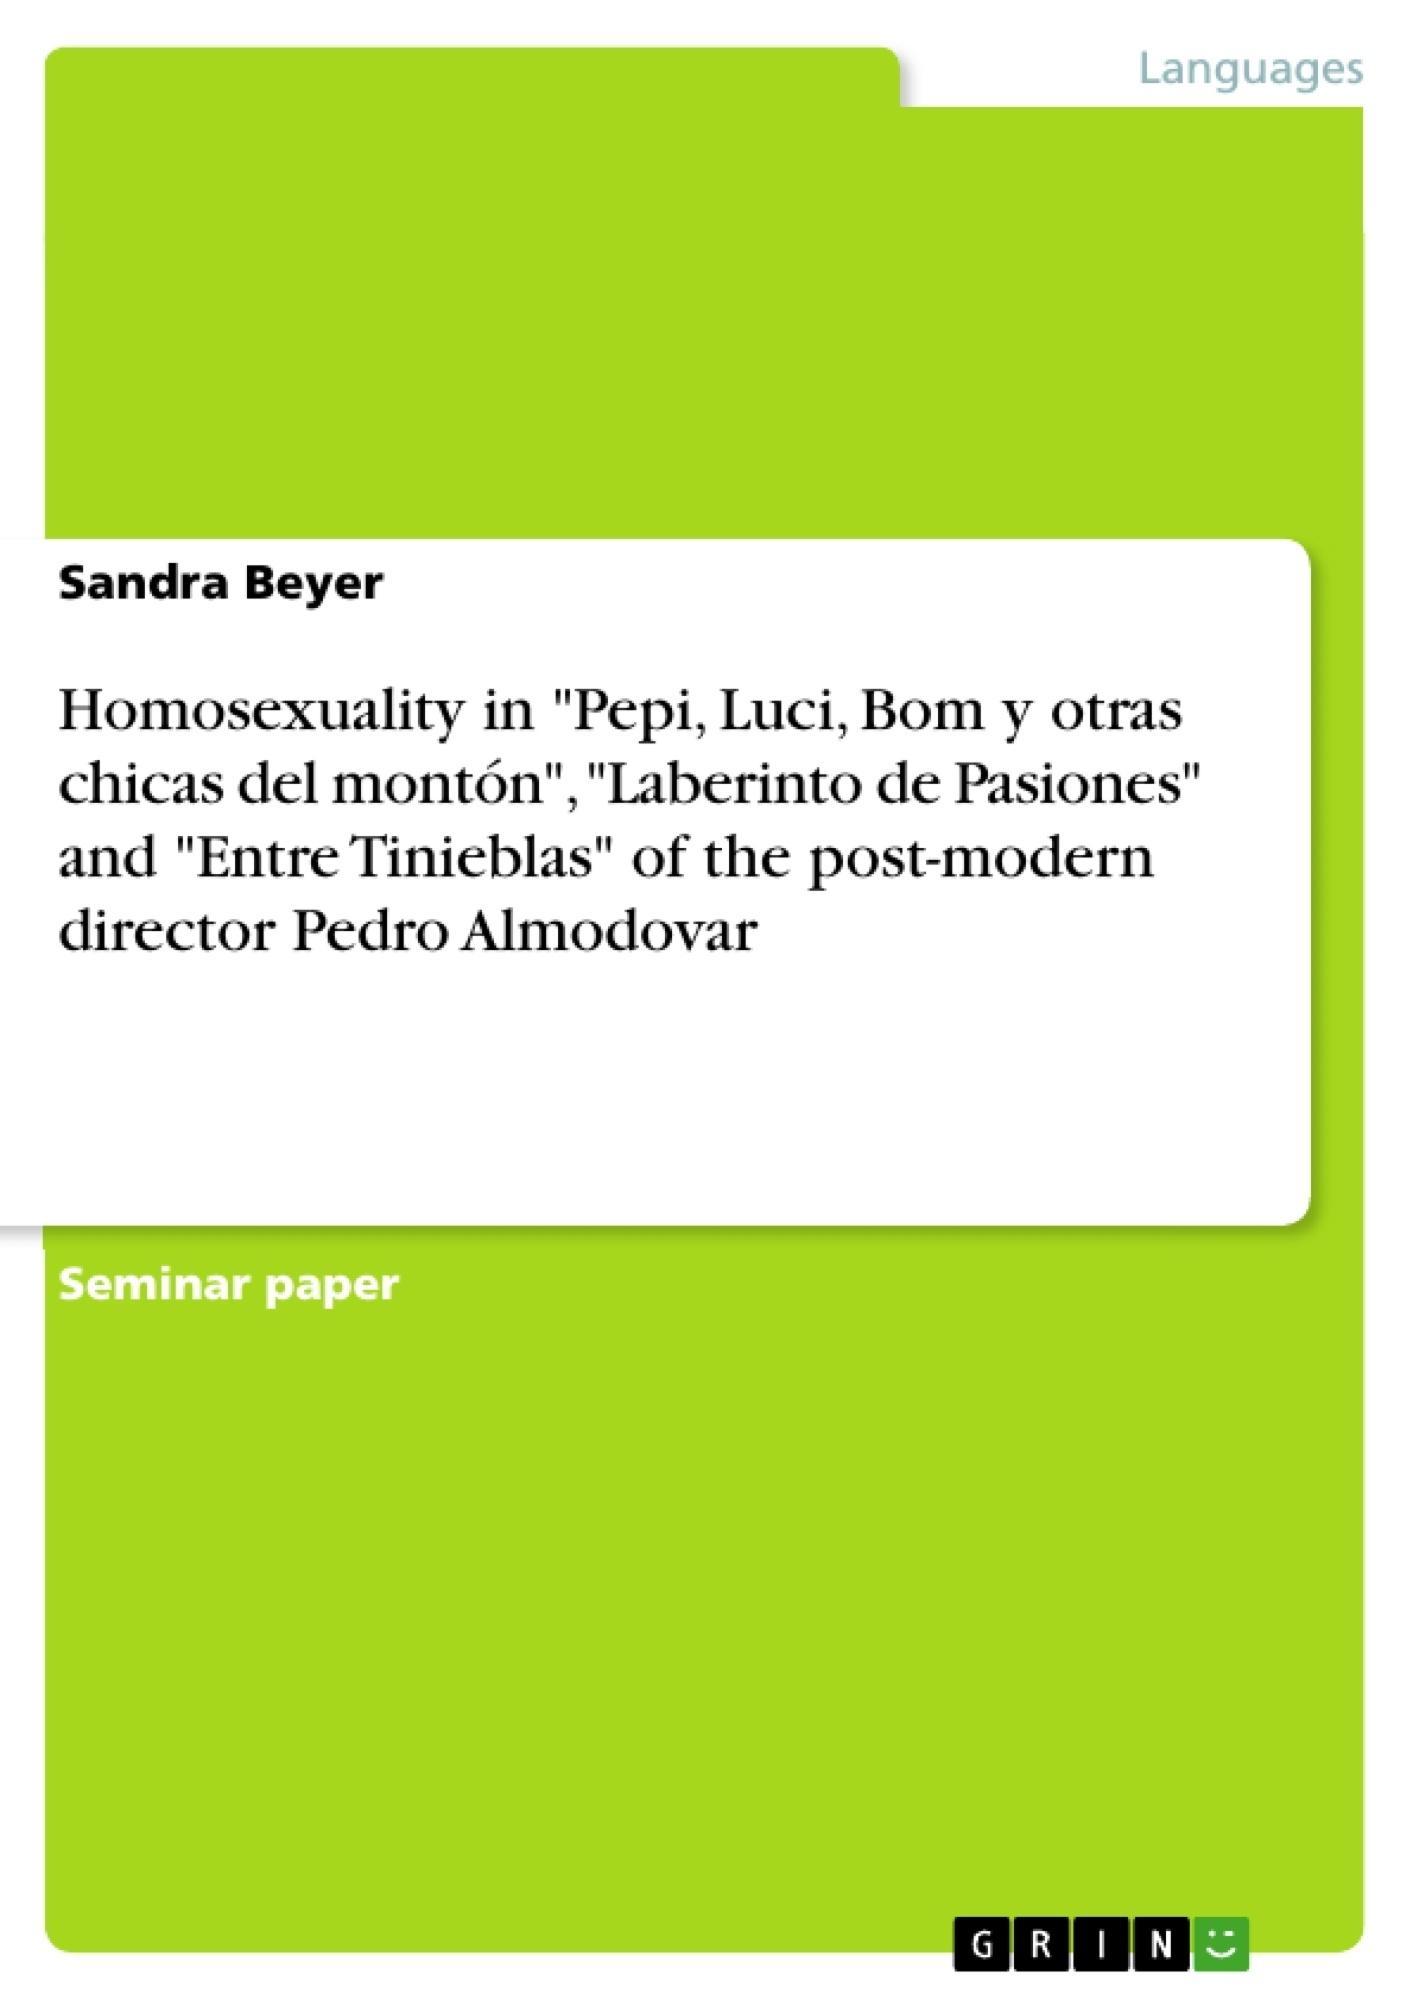 """Title: Homosexuality in  """"Pepi, Luci, Bom y otras chicas del montón"""", """"Laberinto de Pasiones"""" and """"Entre Tinieblas"""" of the post-modern director Pedro Almodovar"""